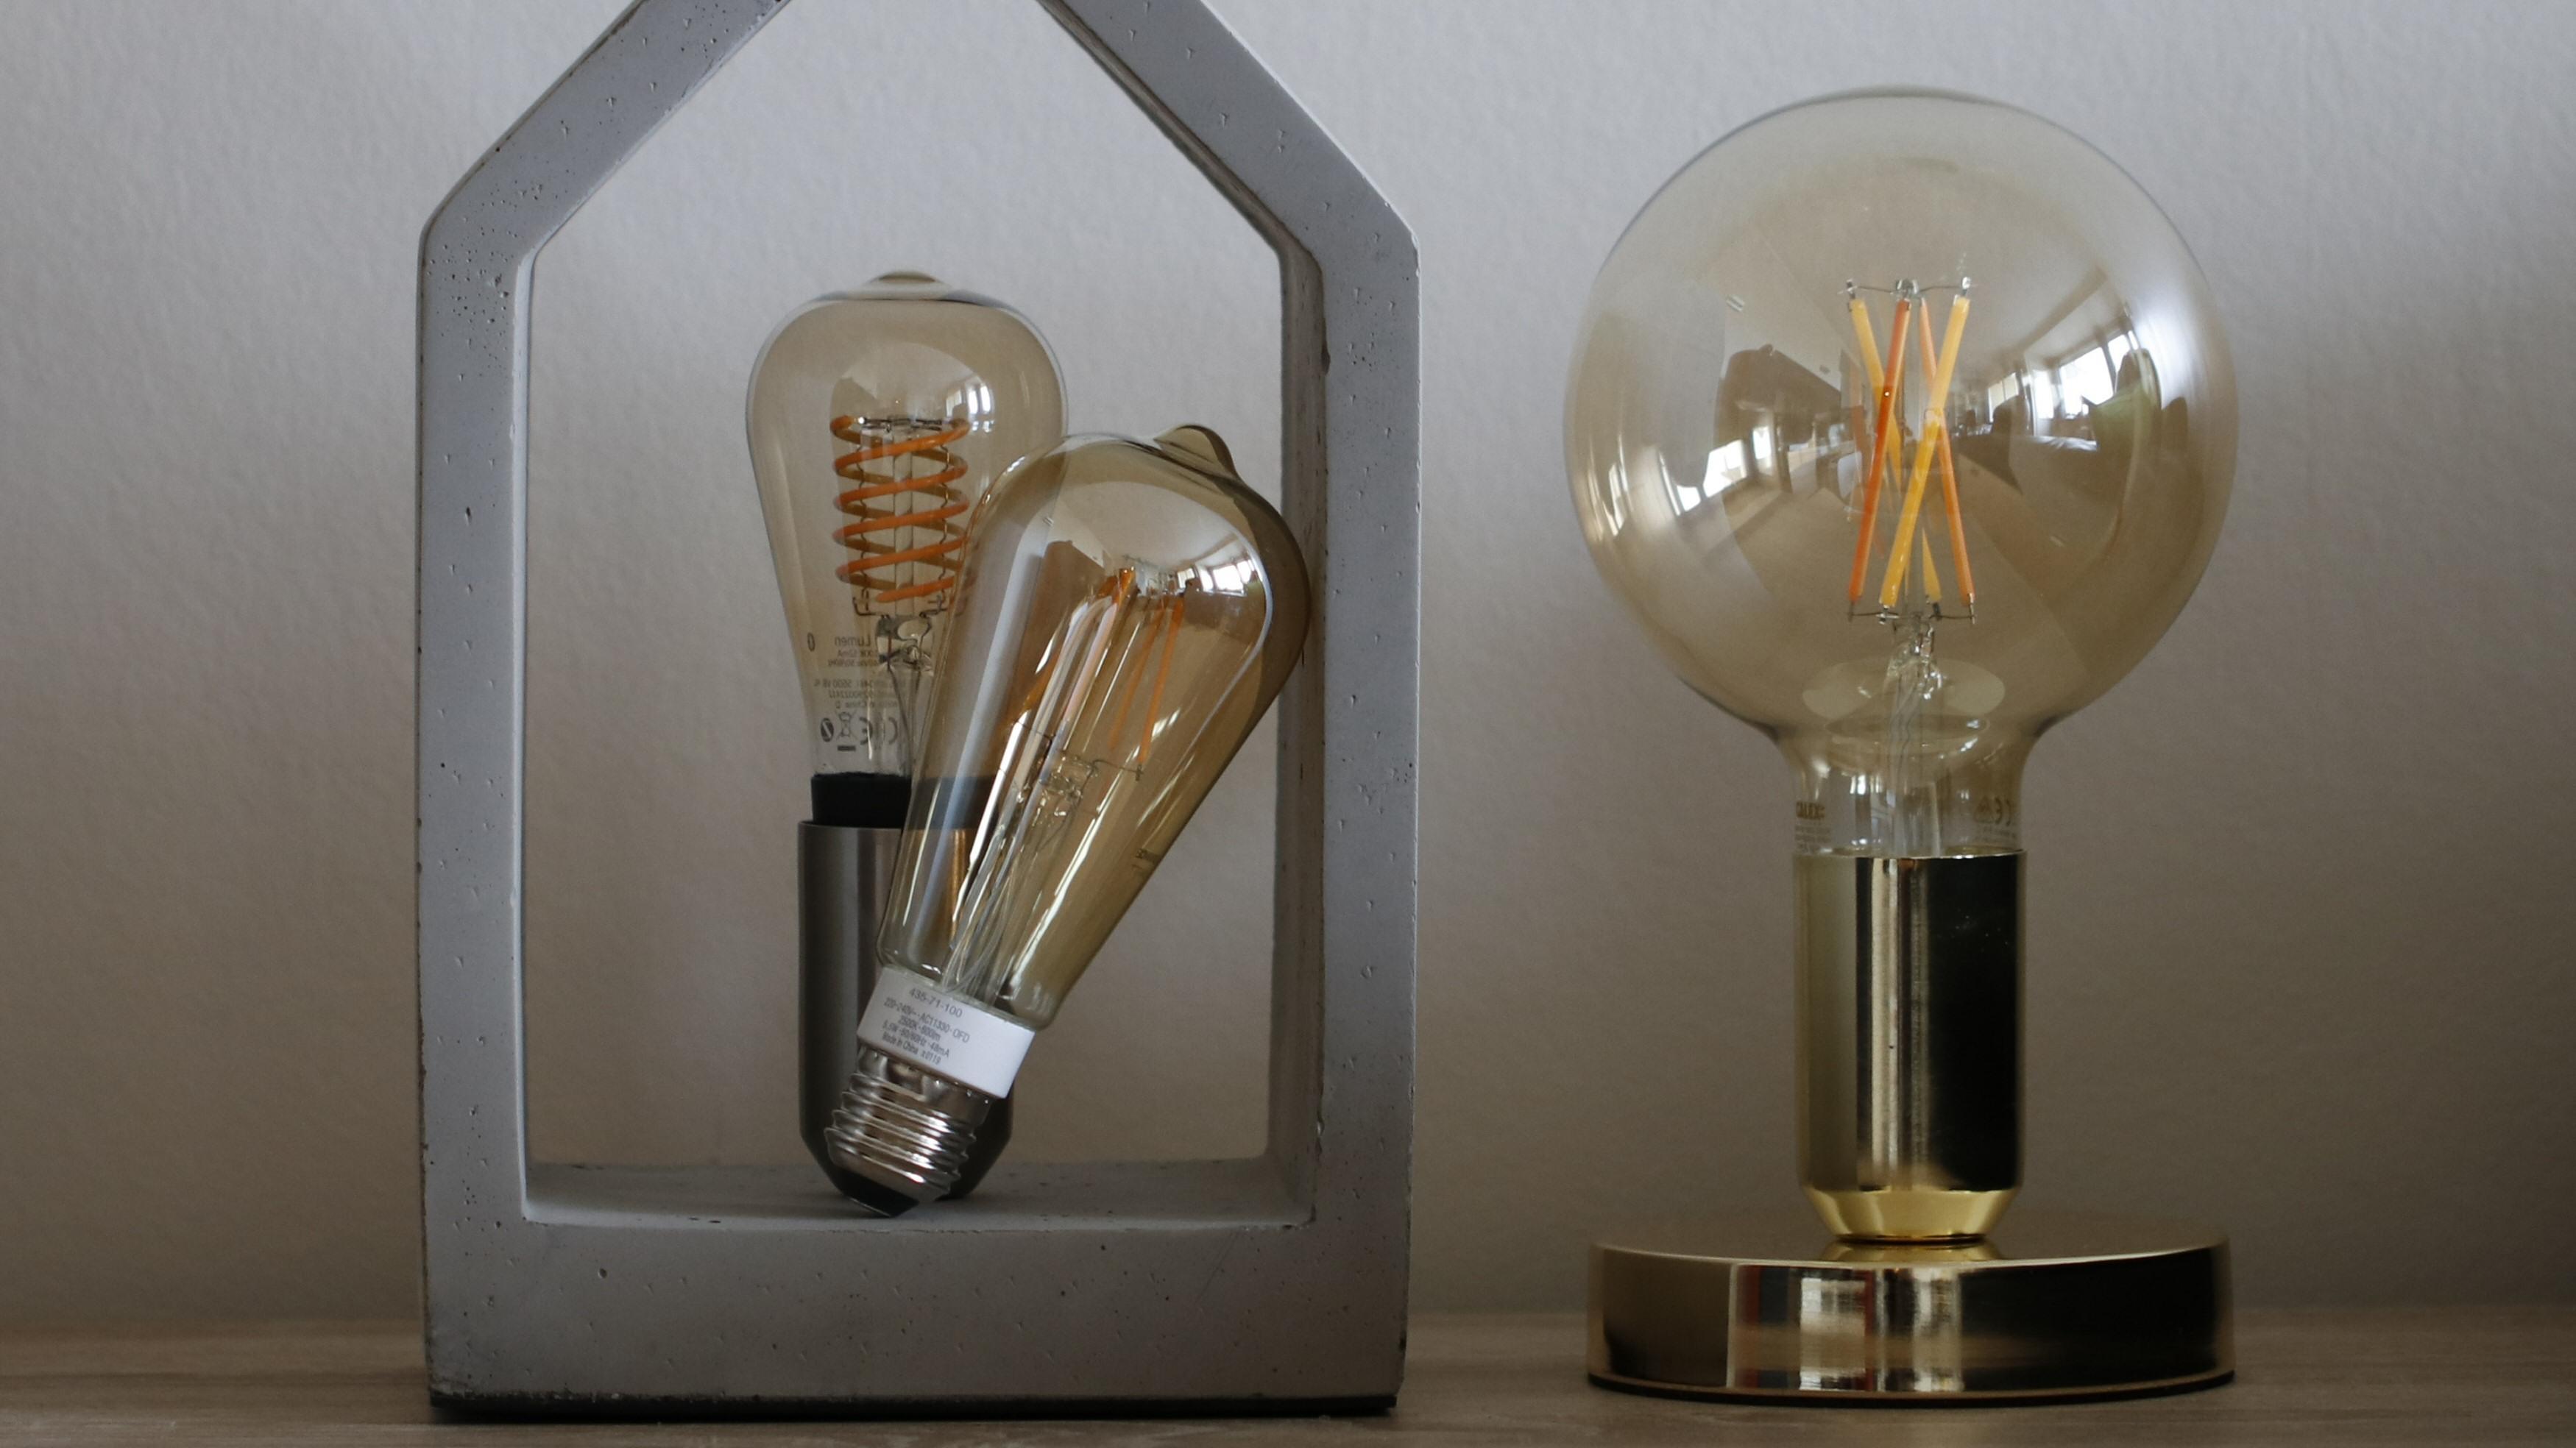 Smarte filamentpærer fra Philips Hue, Ledvance og Calex. Sistnevnte har filamenttråder med forskjellige fosformikser, noe som gjør det mulig å justere fargetemperaturen.